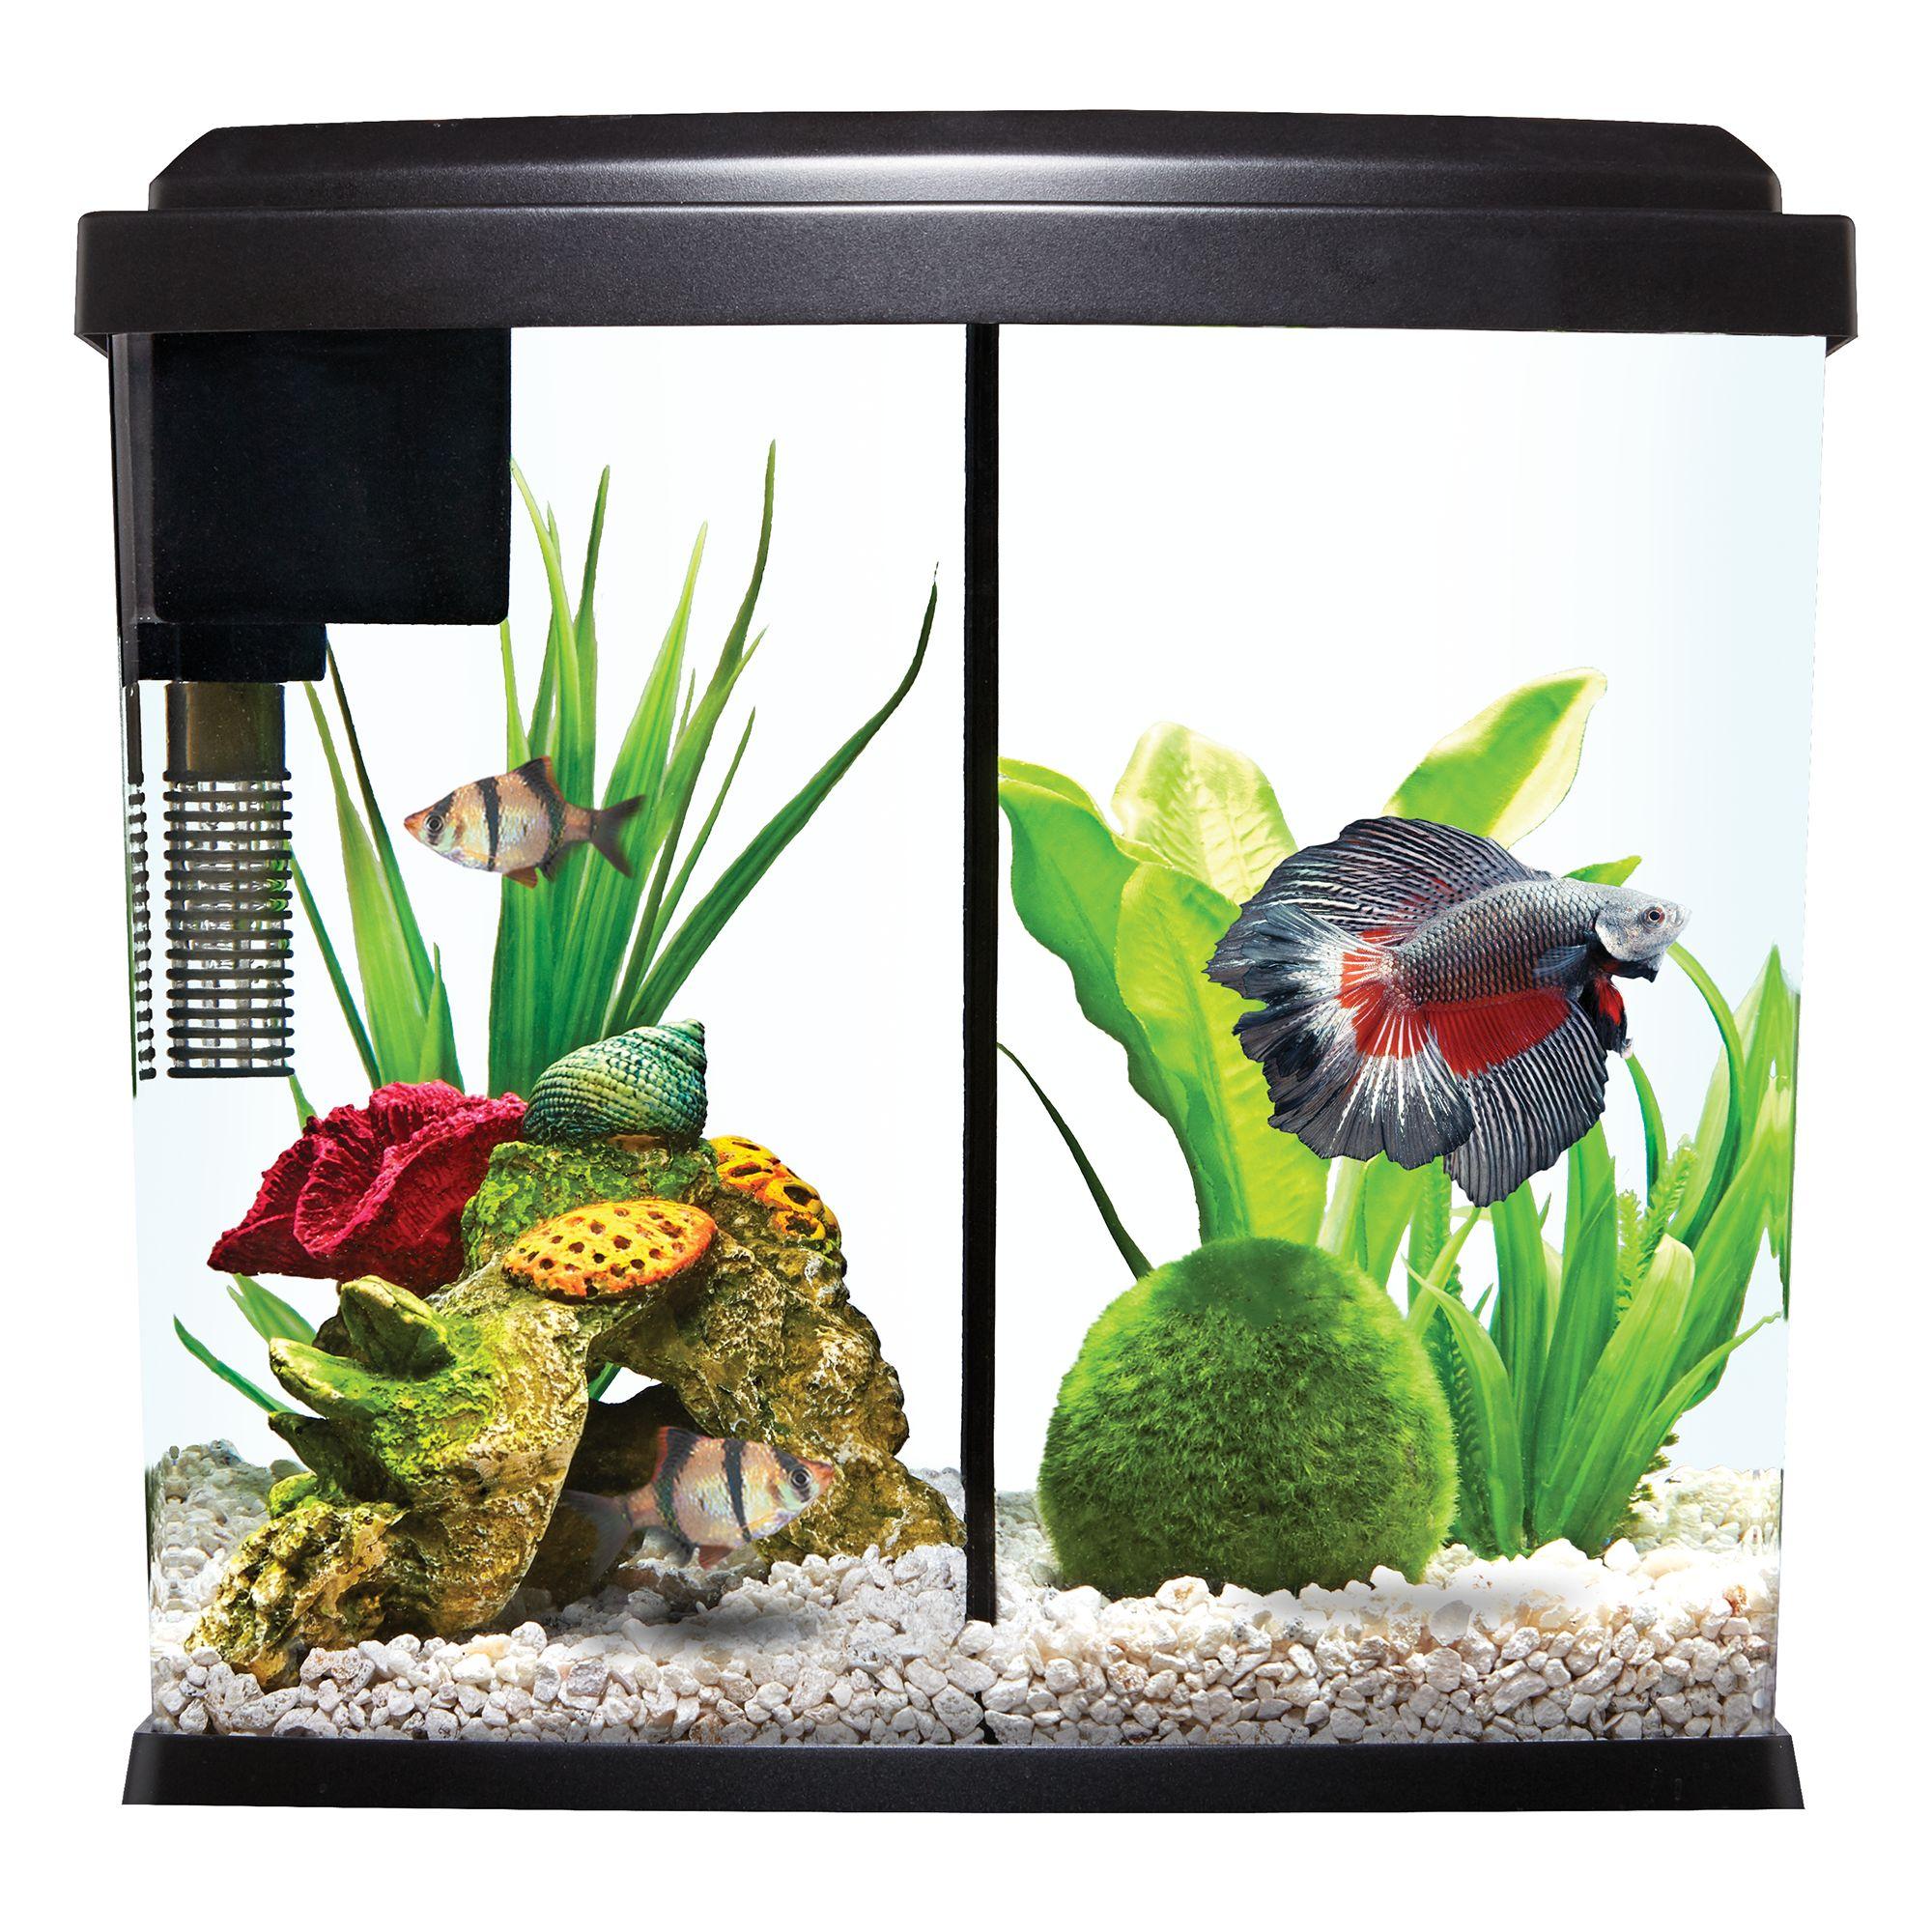 Top Fin Liquidy Split Aquarium Kit Fish Starter Kits Petsmart